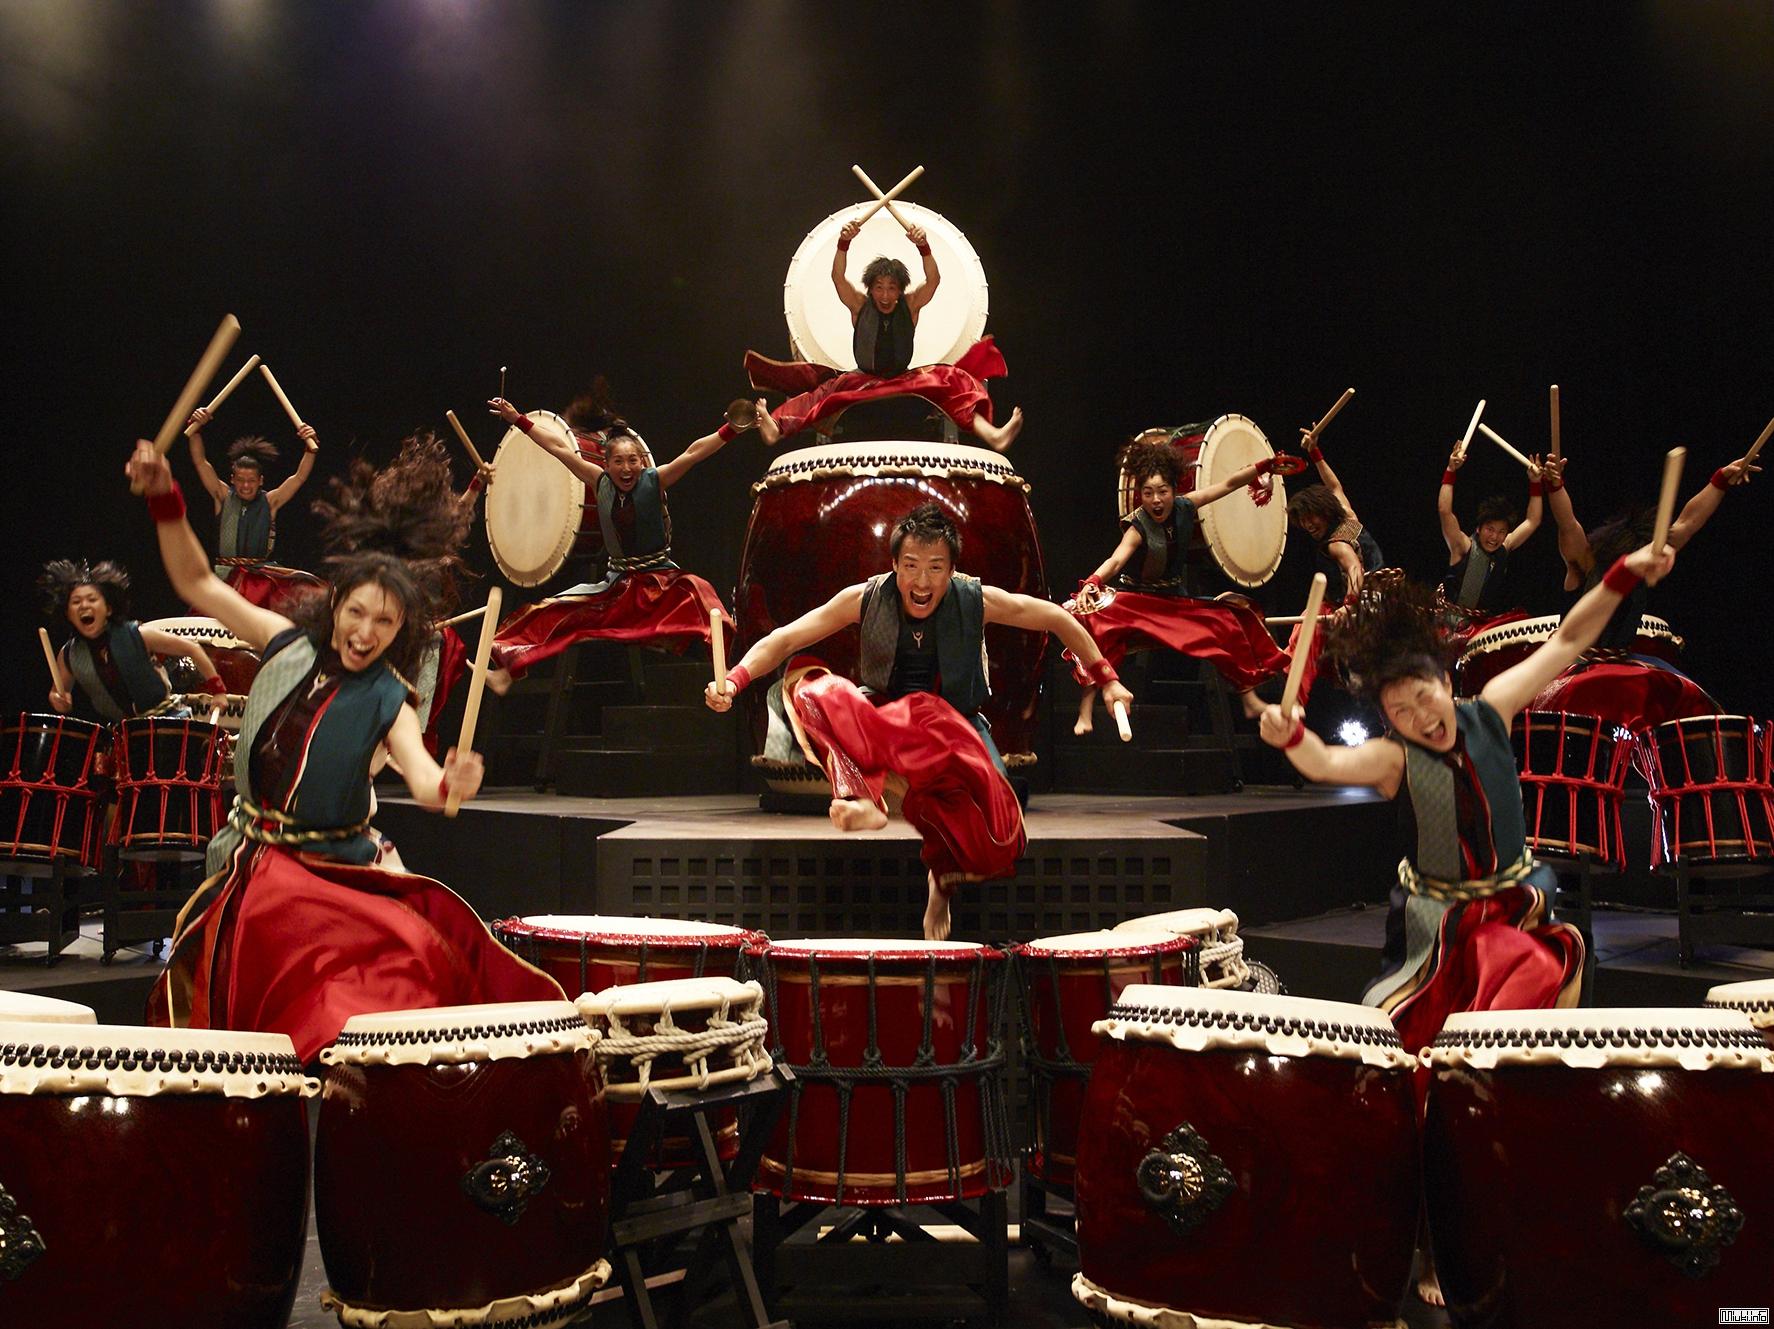 Самый популярный в мире коллектив японских барабанщиков YAMATO